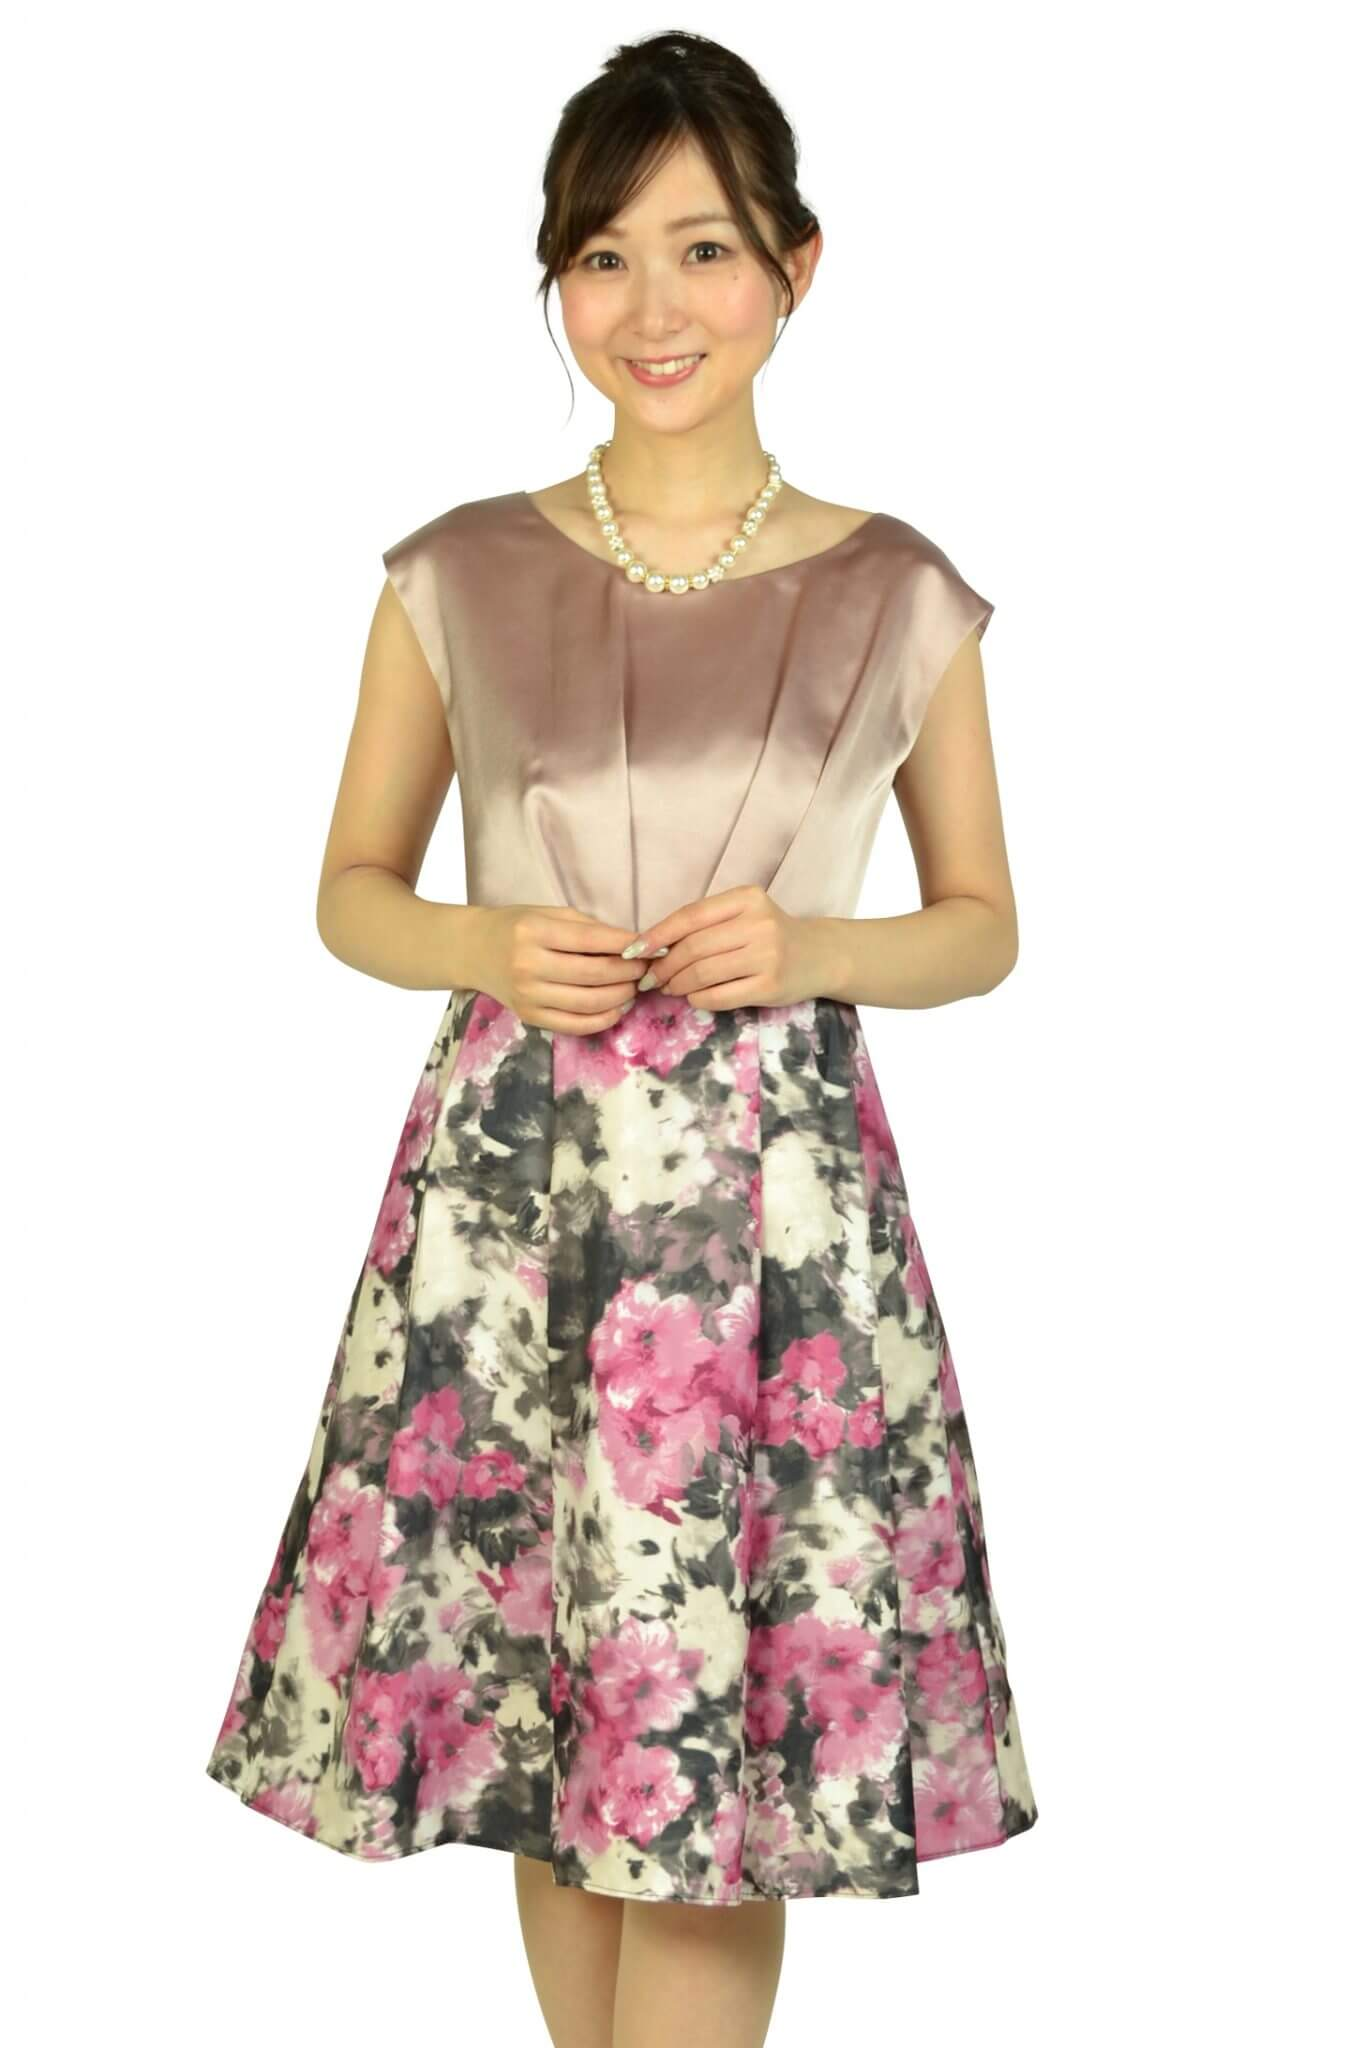 アグレアーブル (Agreable)編上げフラワープリントピンクドレス